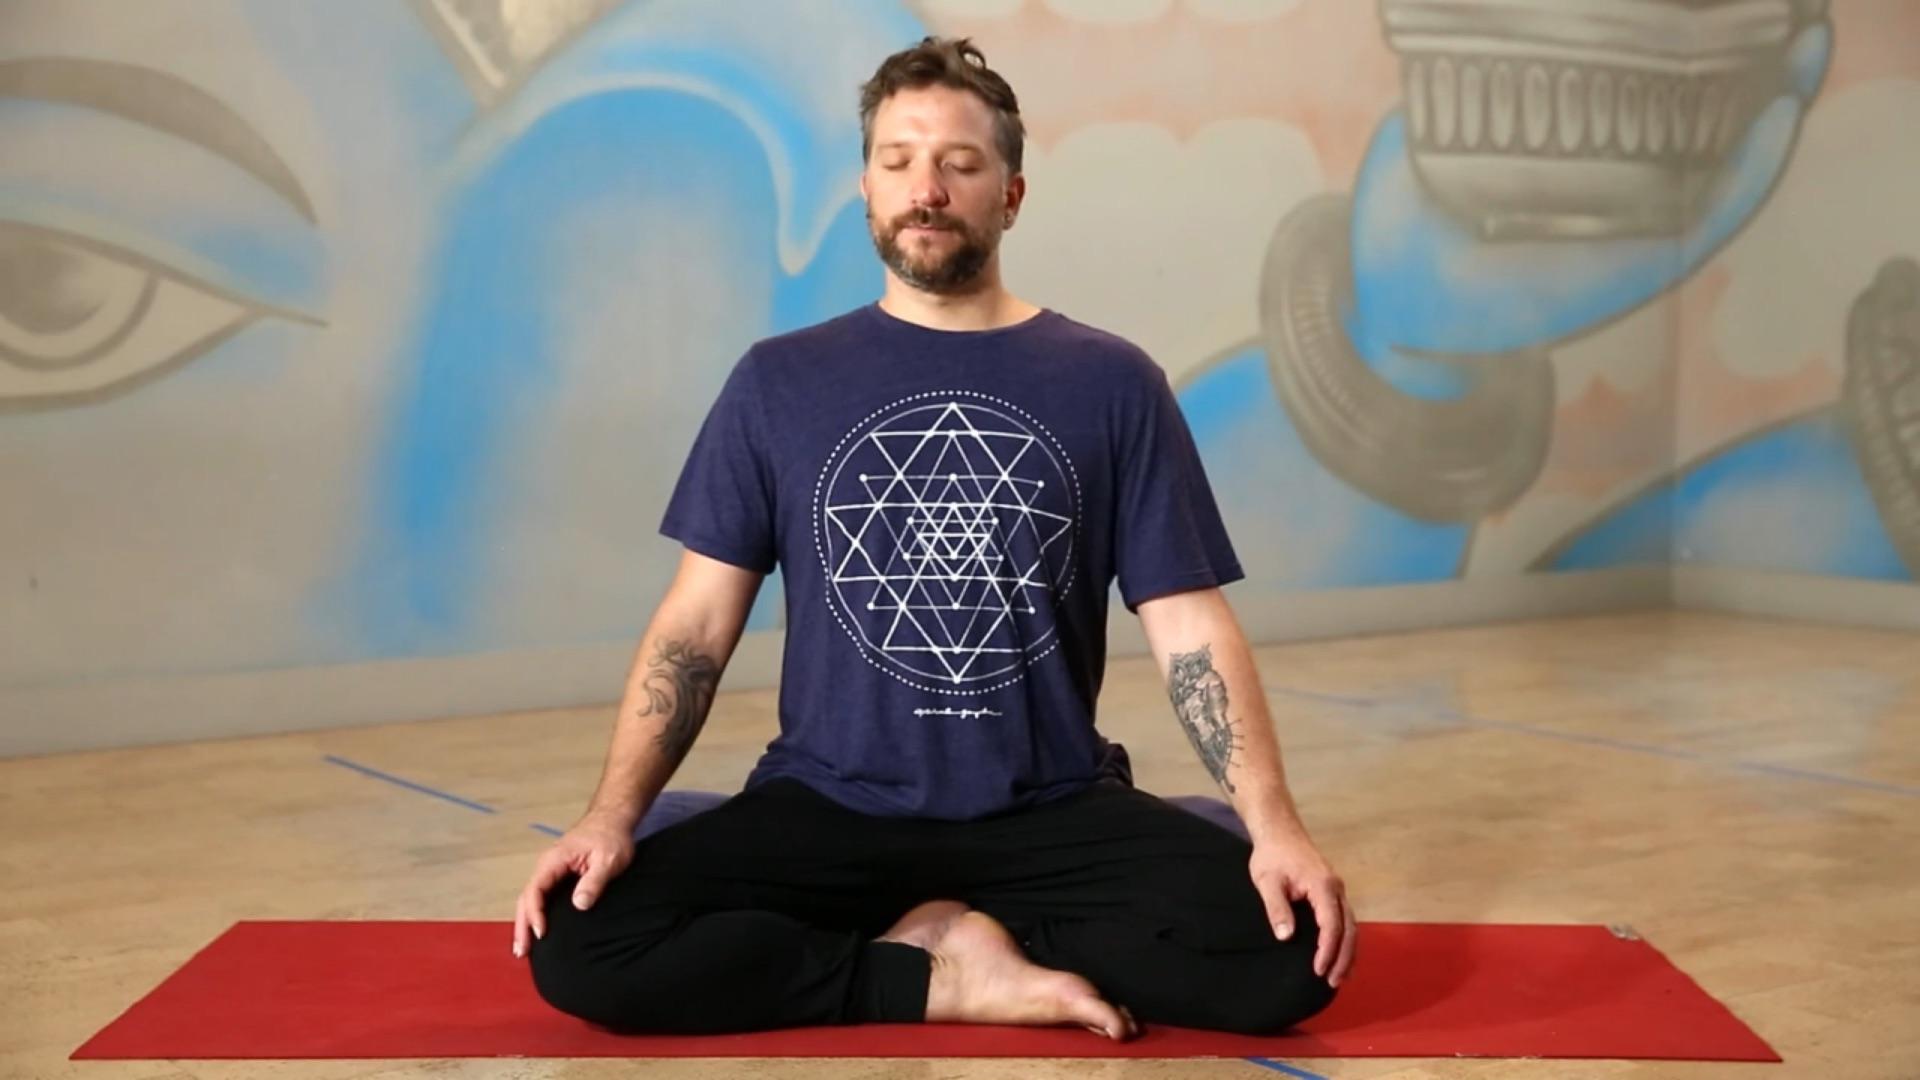 Third eye meditation Adam Whiting Power Living Australia Yoga YOGAHOLICS